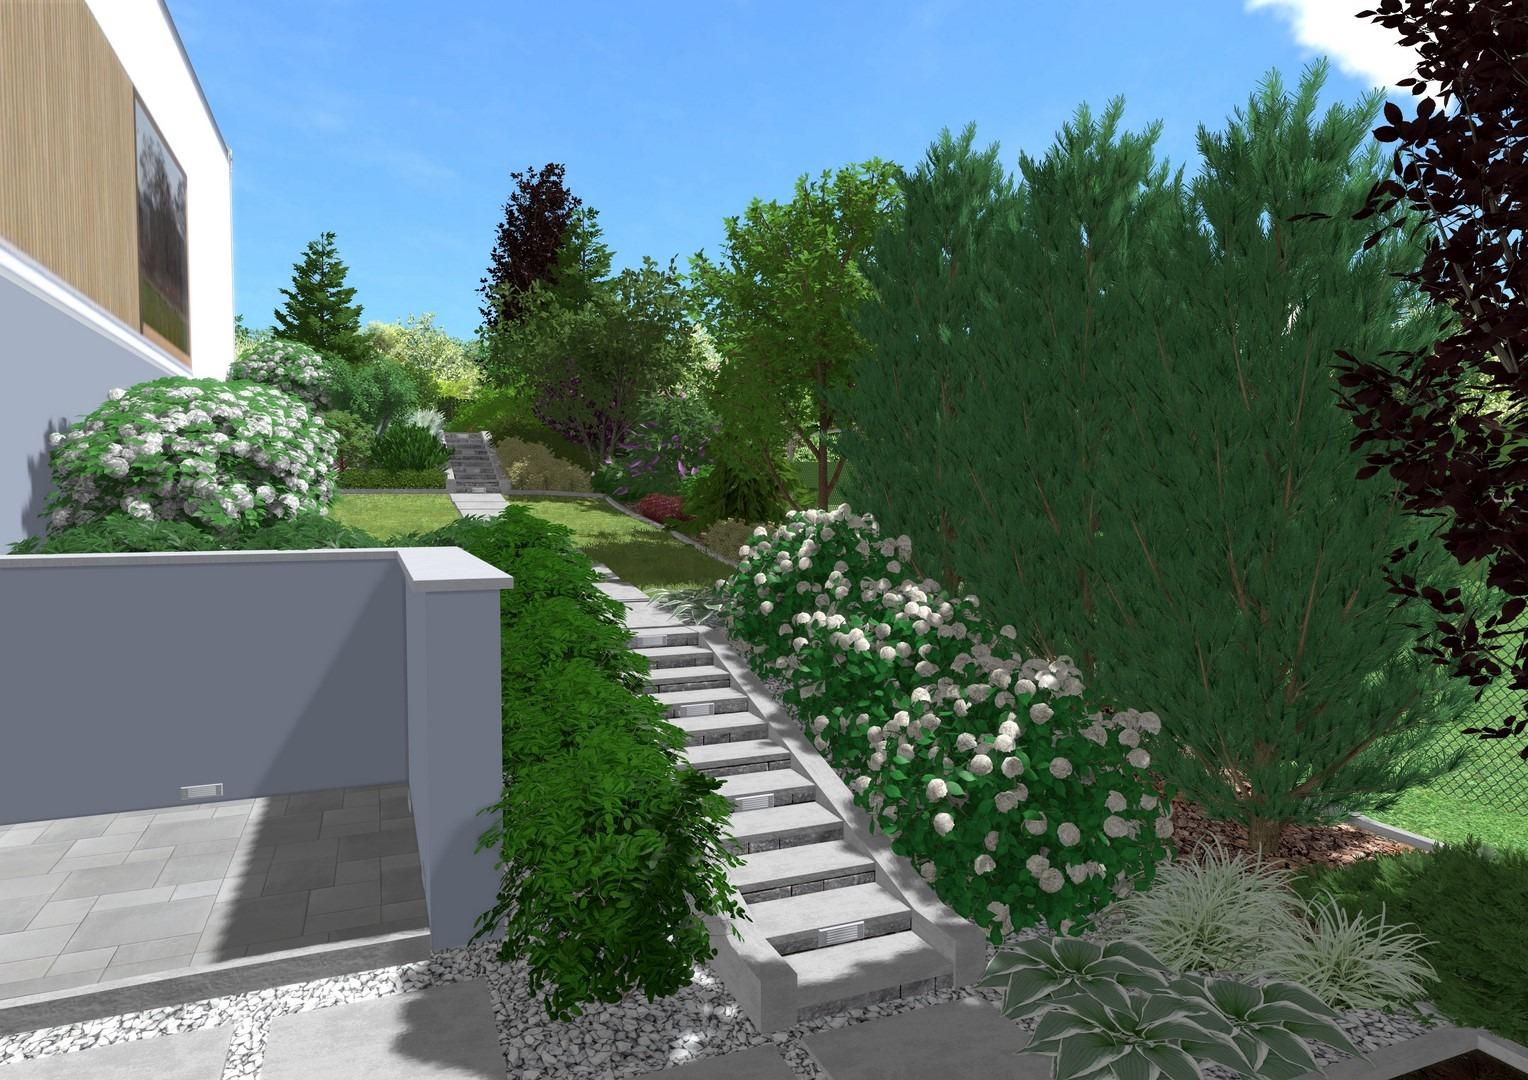 firma-w-krakowie-wizualizacja-szkic-ogrody